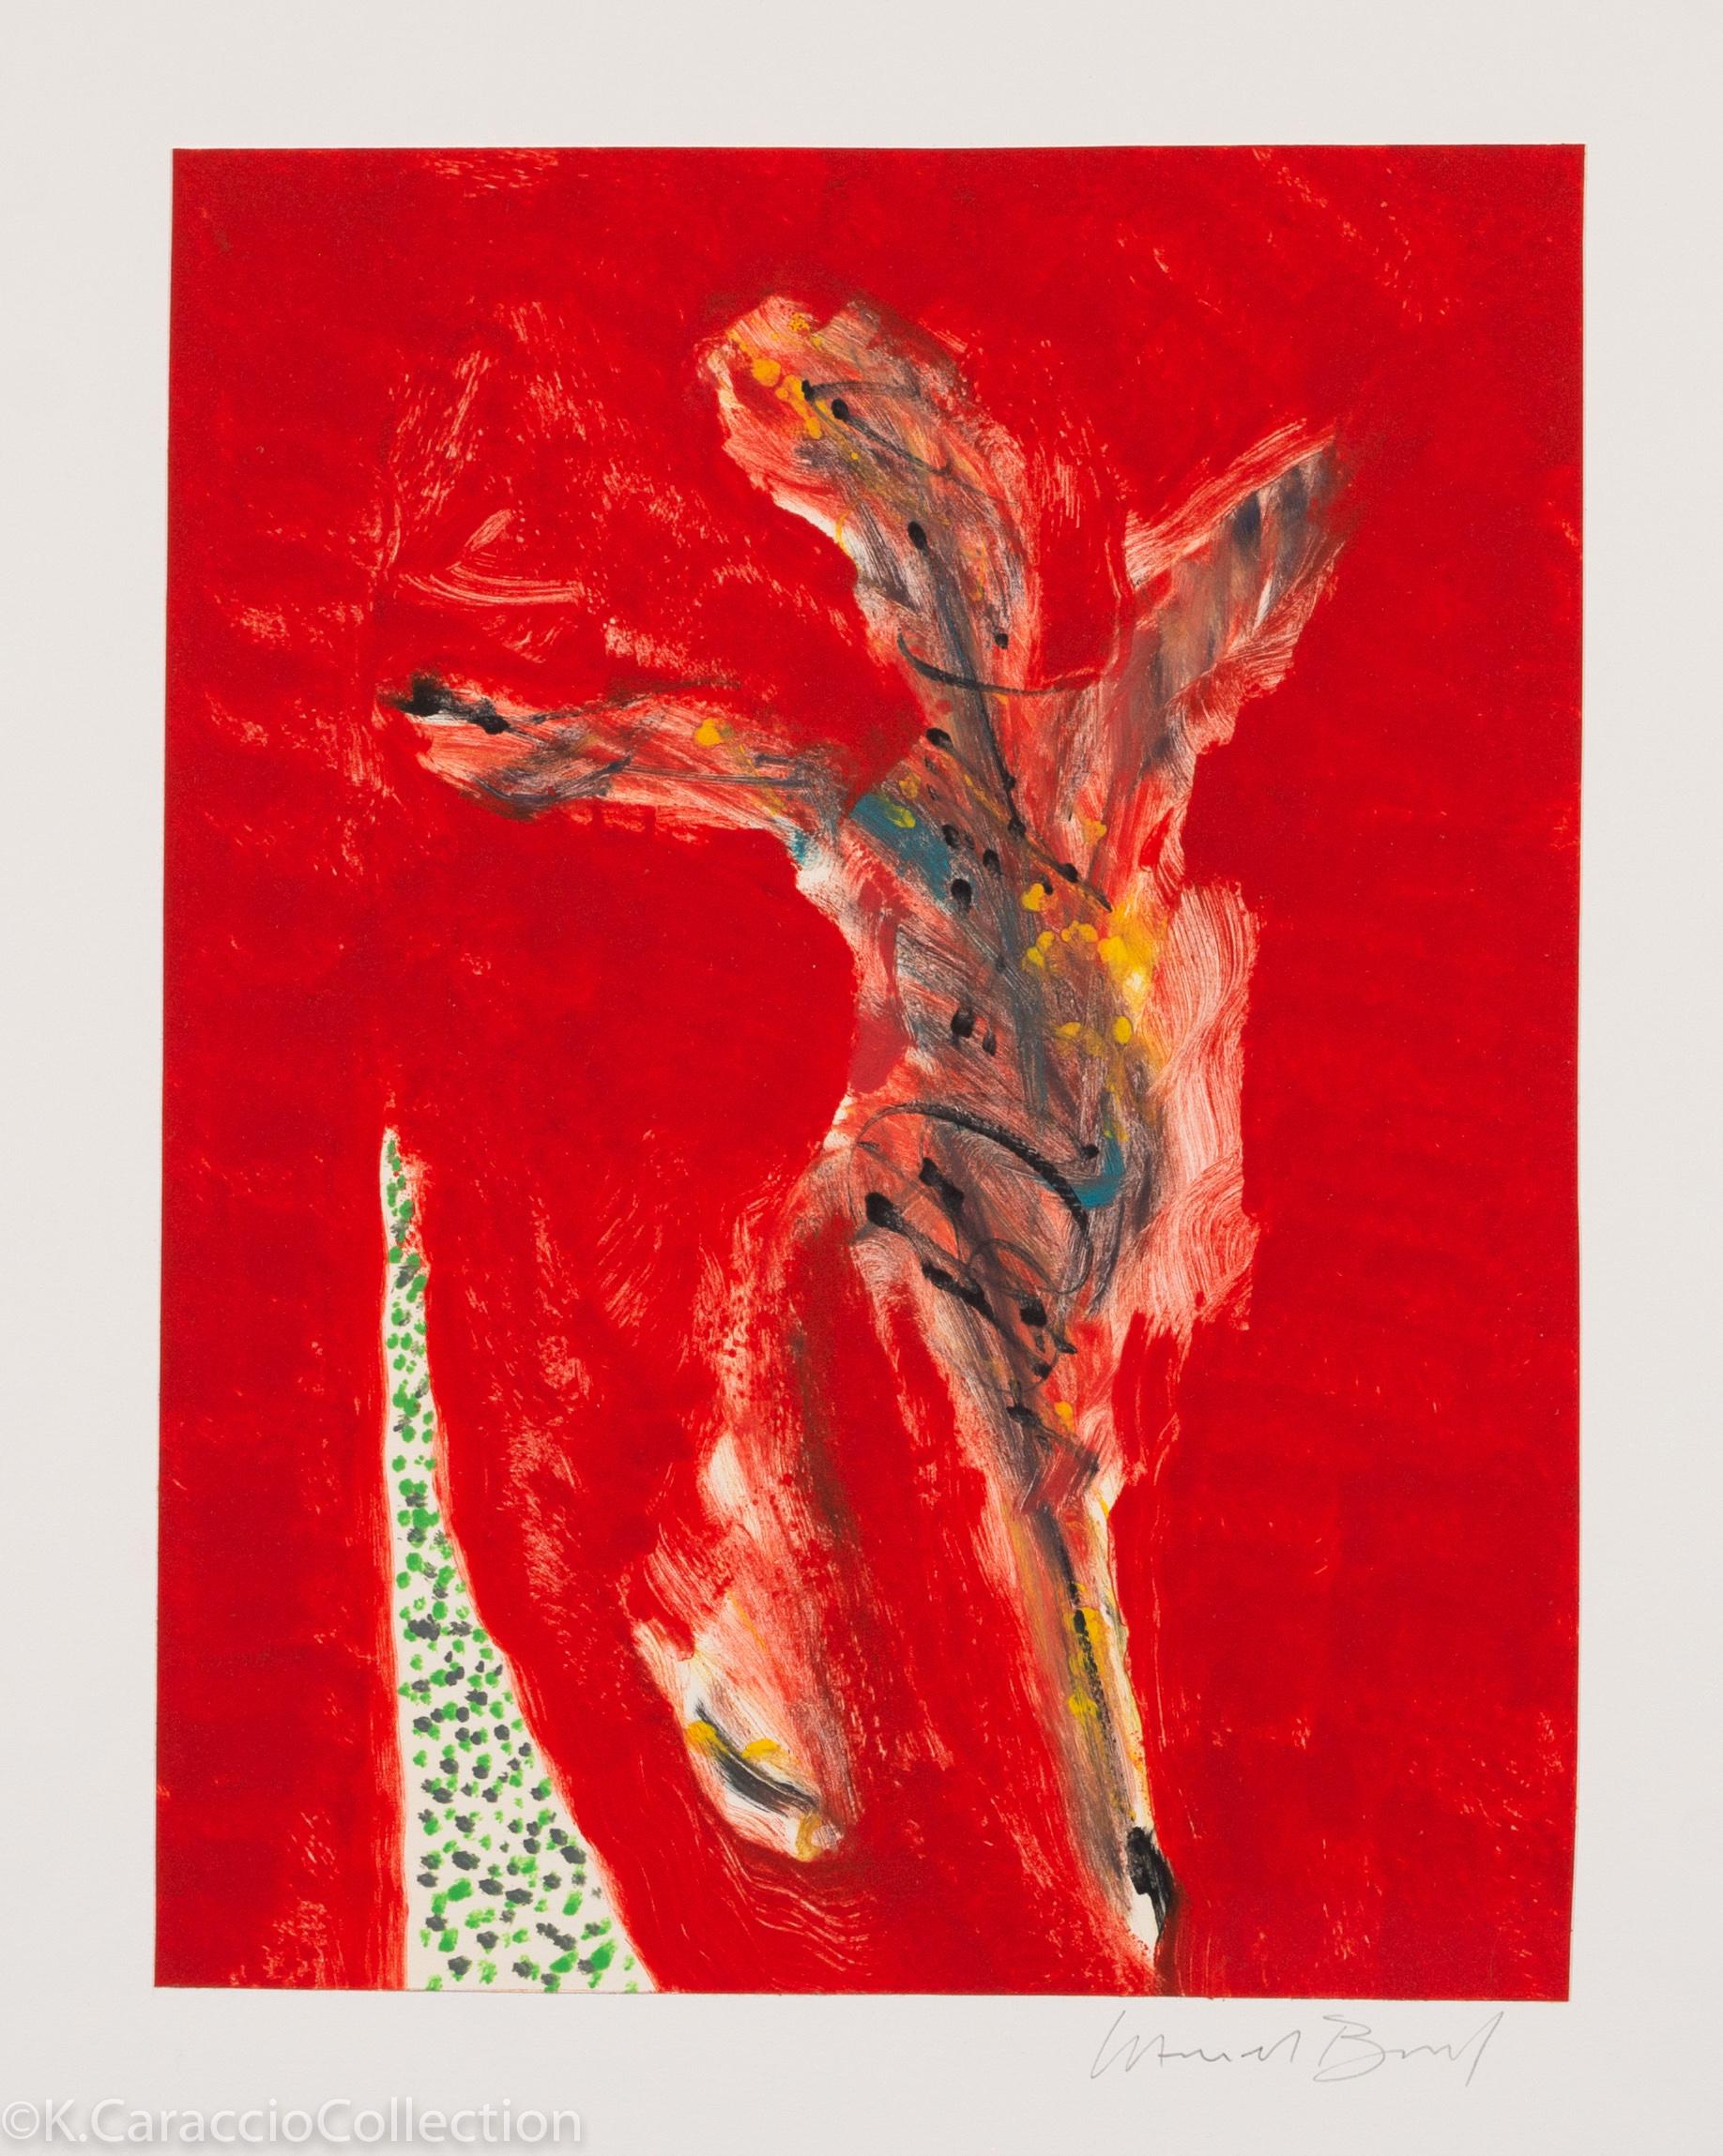 Red Dancer, 2001